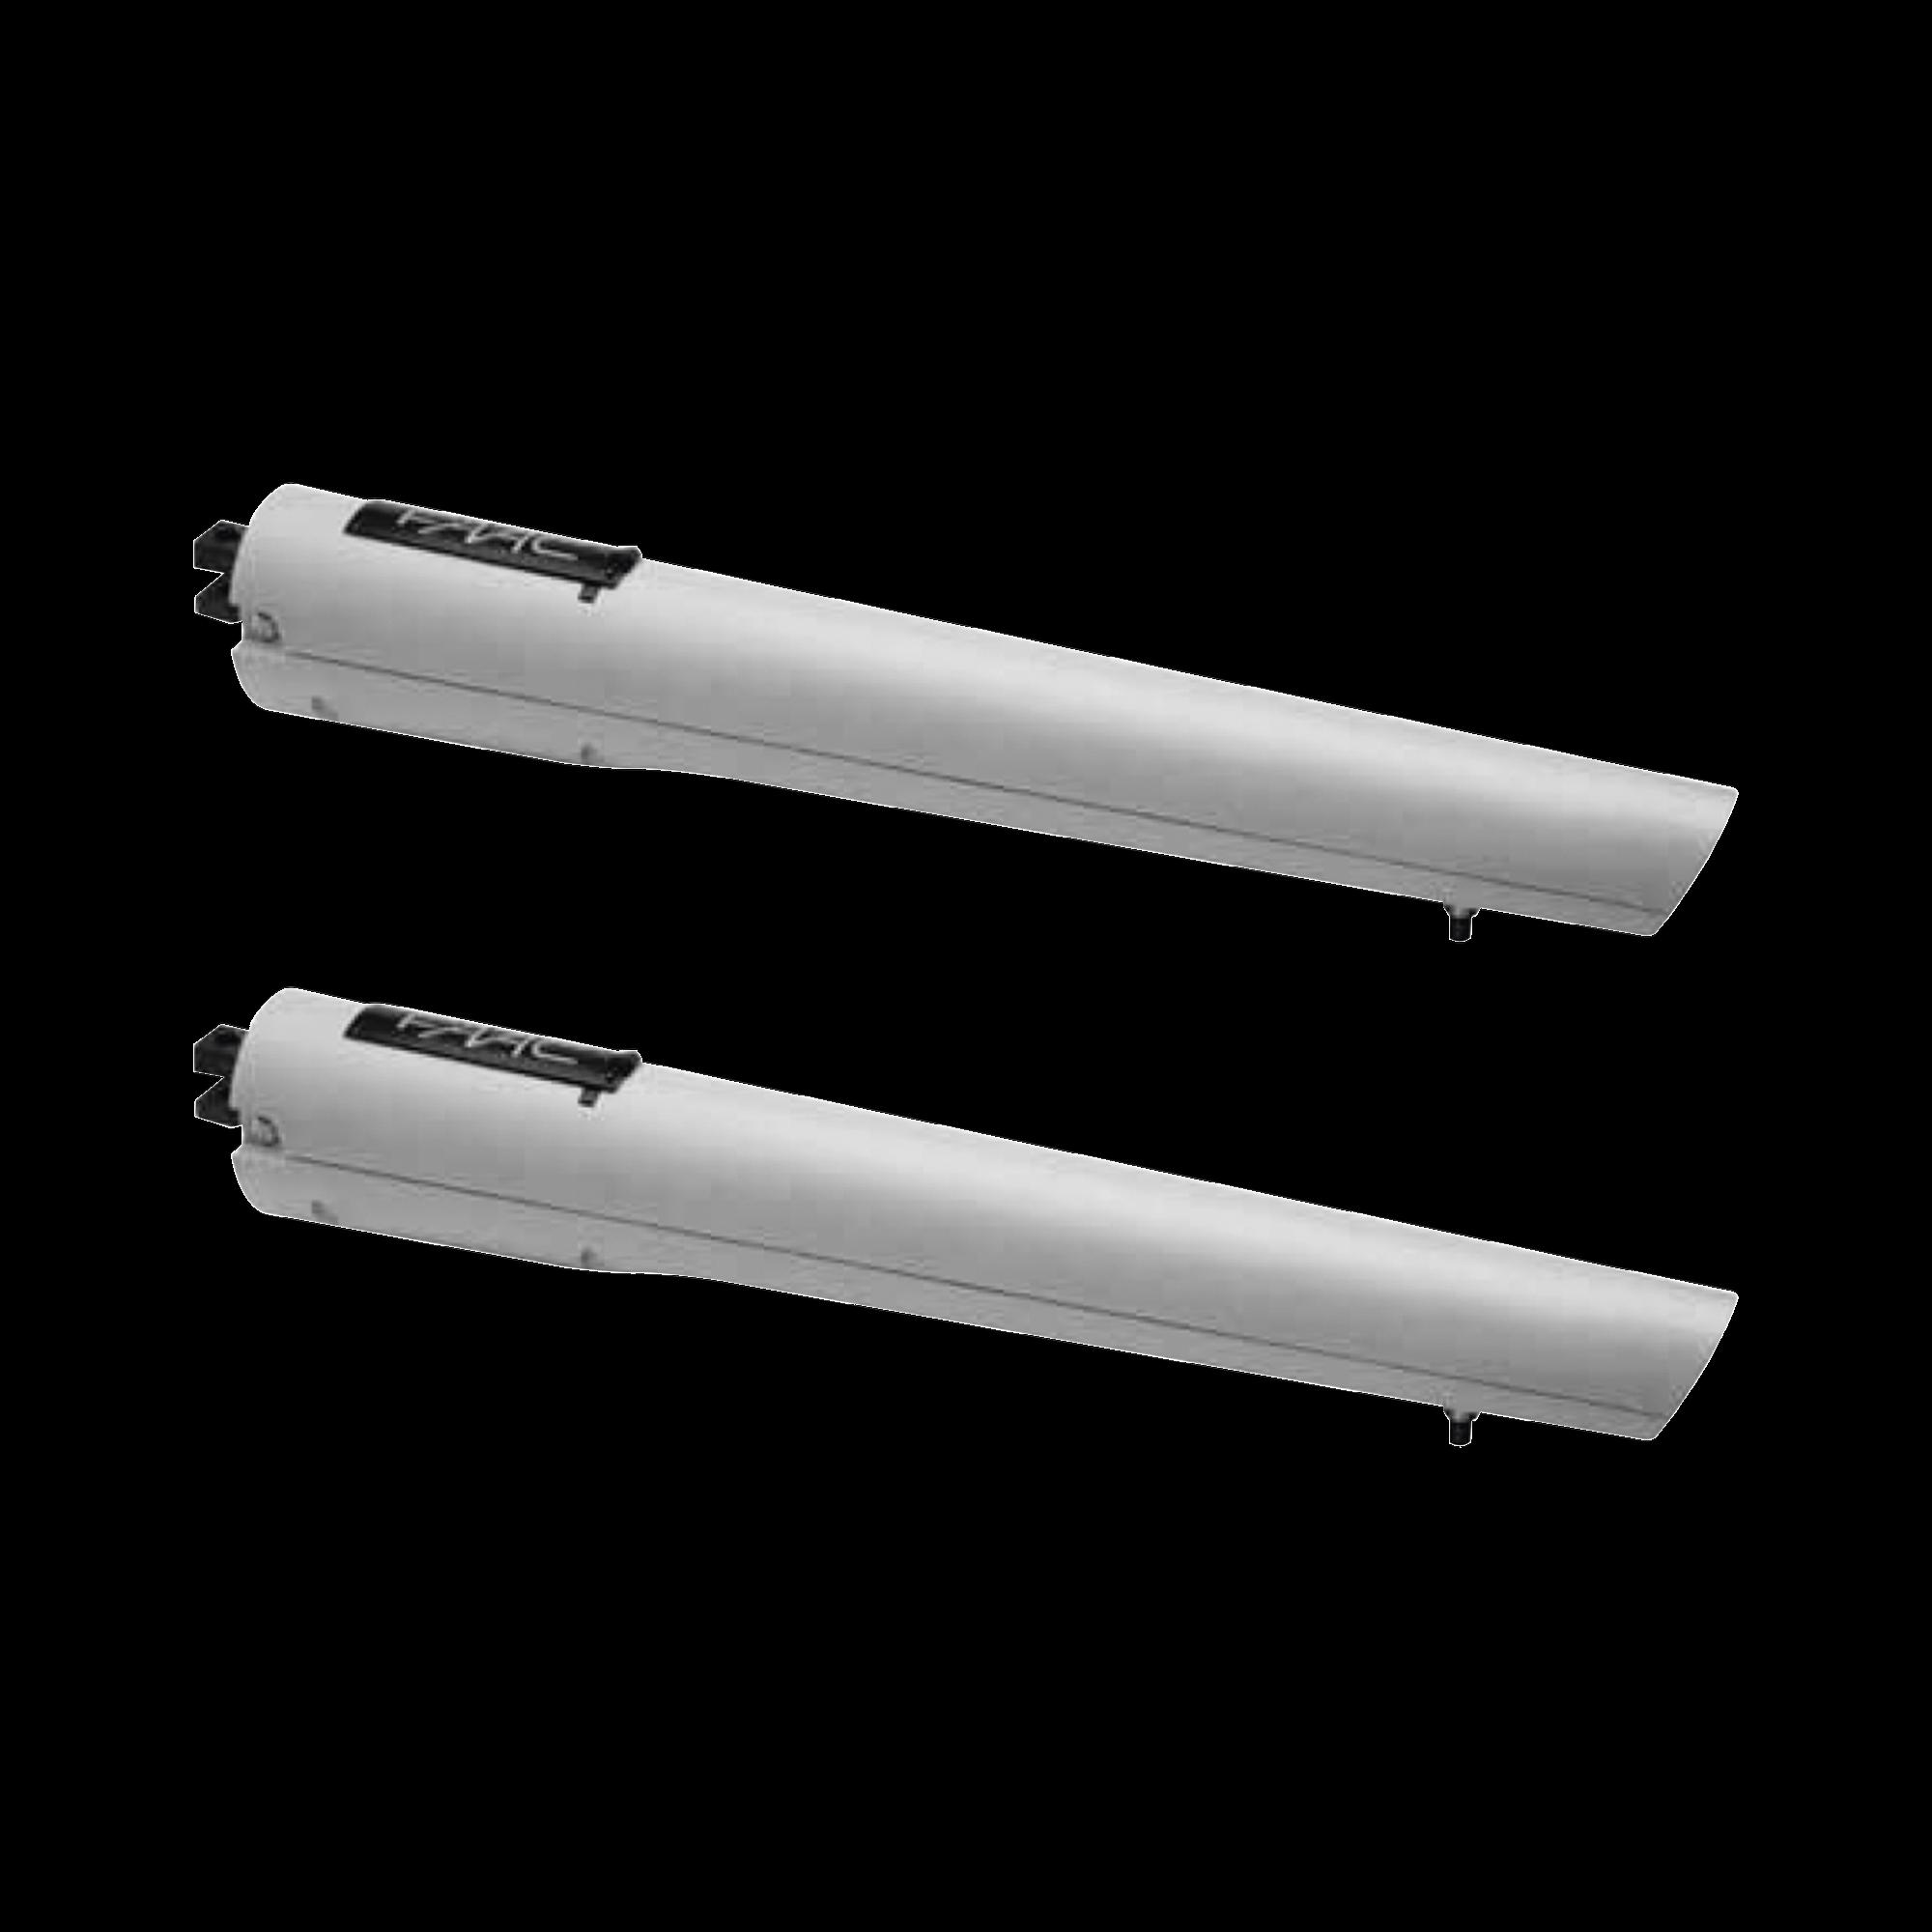 Kit de Operadores FAAC S418 para Puertas Abatibles de hasta 2.7m y 300Kg / Con Capacidad de Respaldo de Baterías y Desbloqueo Manual